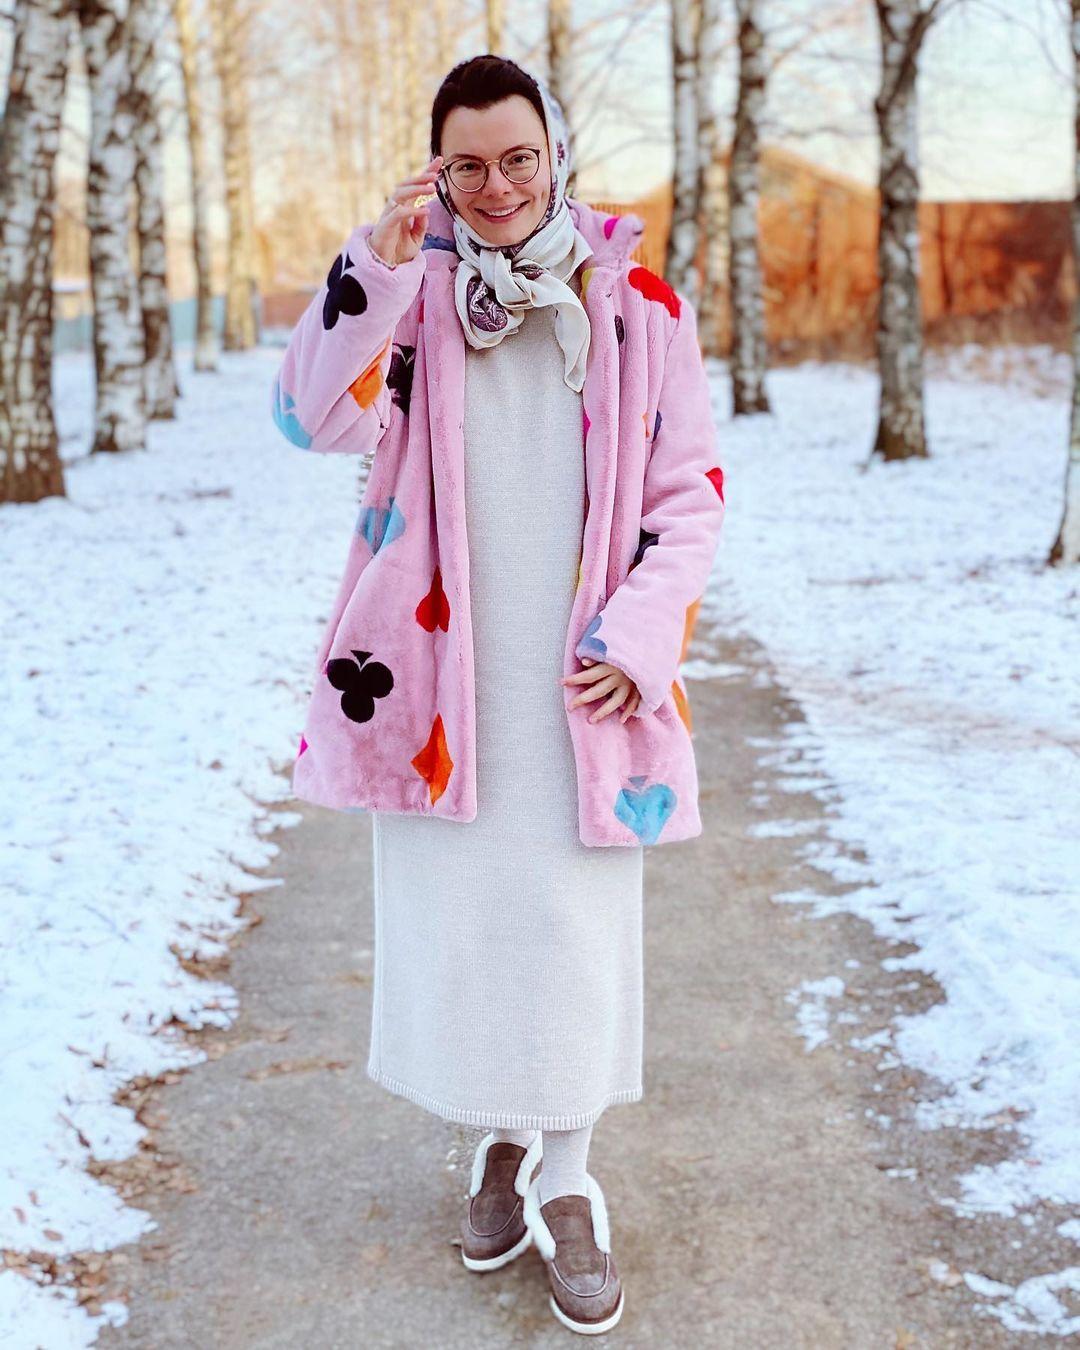 Рейтинг дня: Татьяна Брухунова порадовала поклонников розовой шубкой